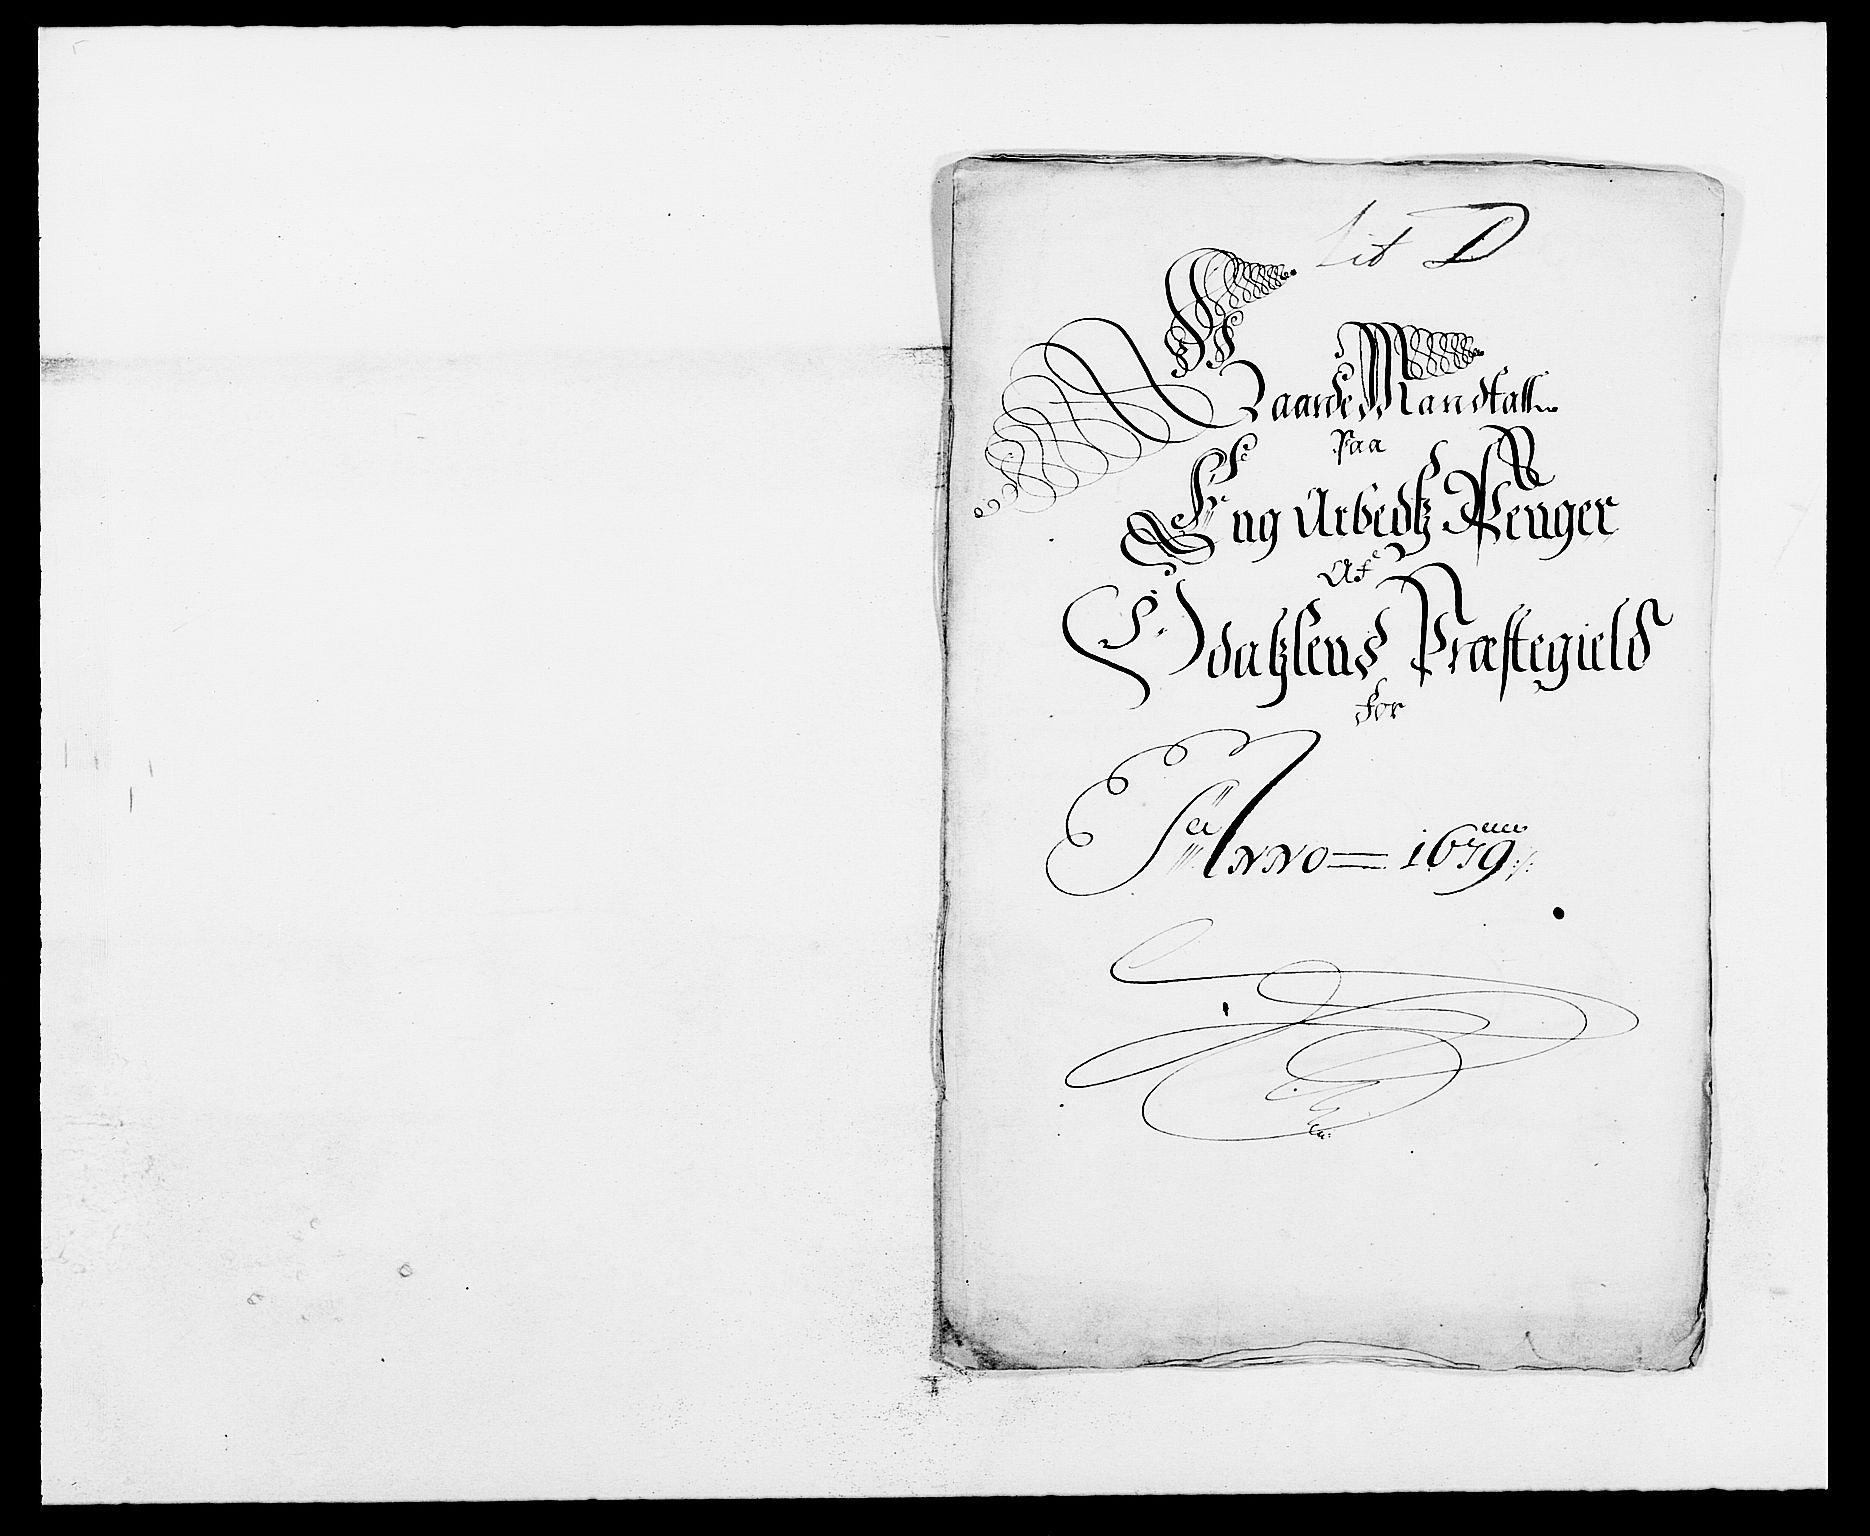 RA, Rentekammeret inntil 1814, Reviderte regnskaper, Fogderegnskap, R13/L0816: Fogderegnskap Solør, Odal og Østerdal, 1679, s. 186